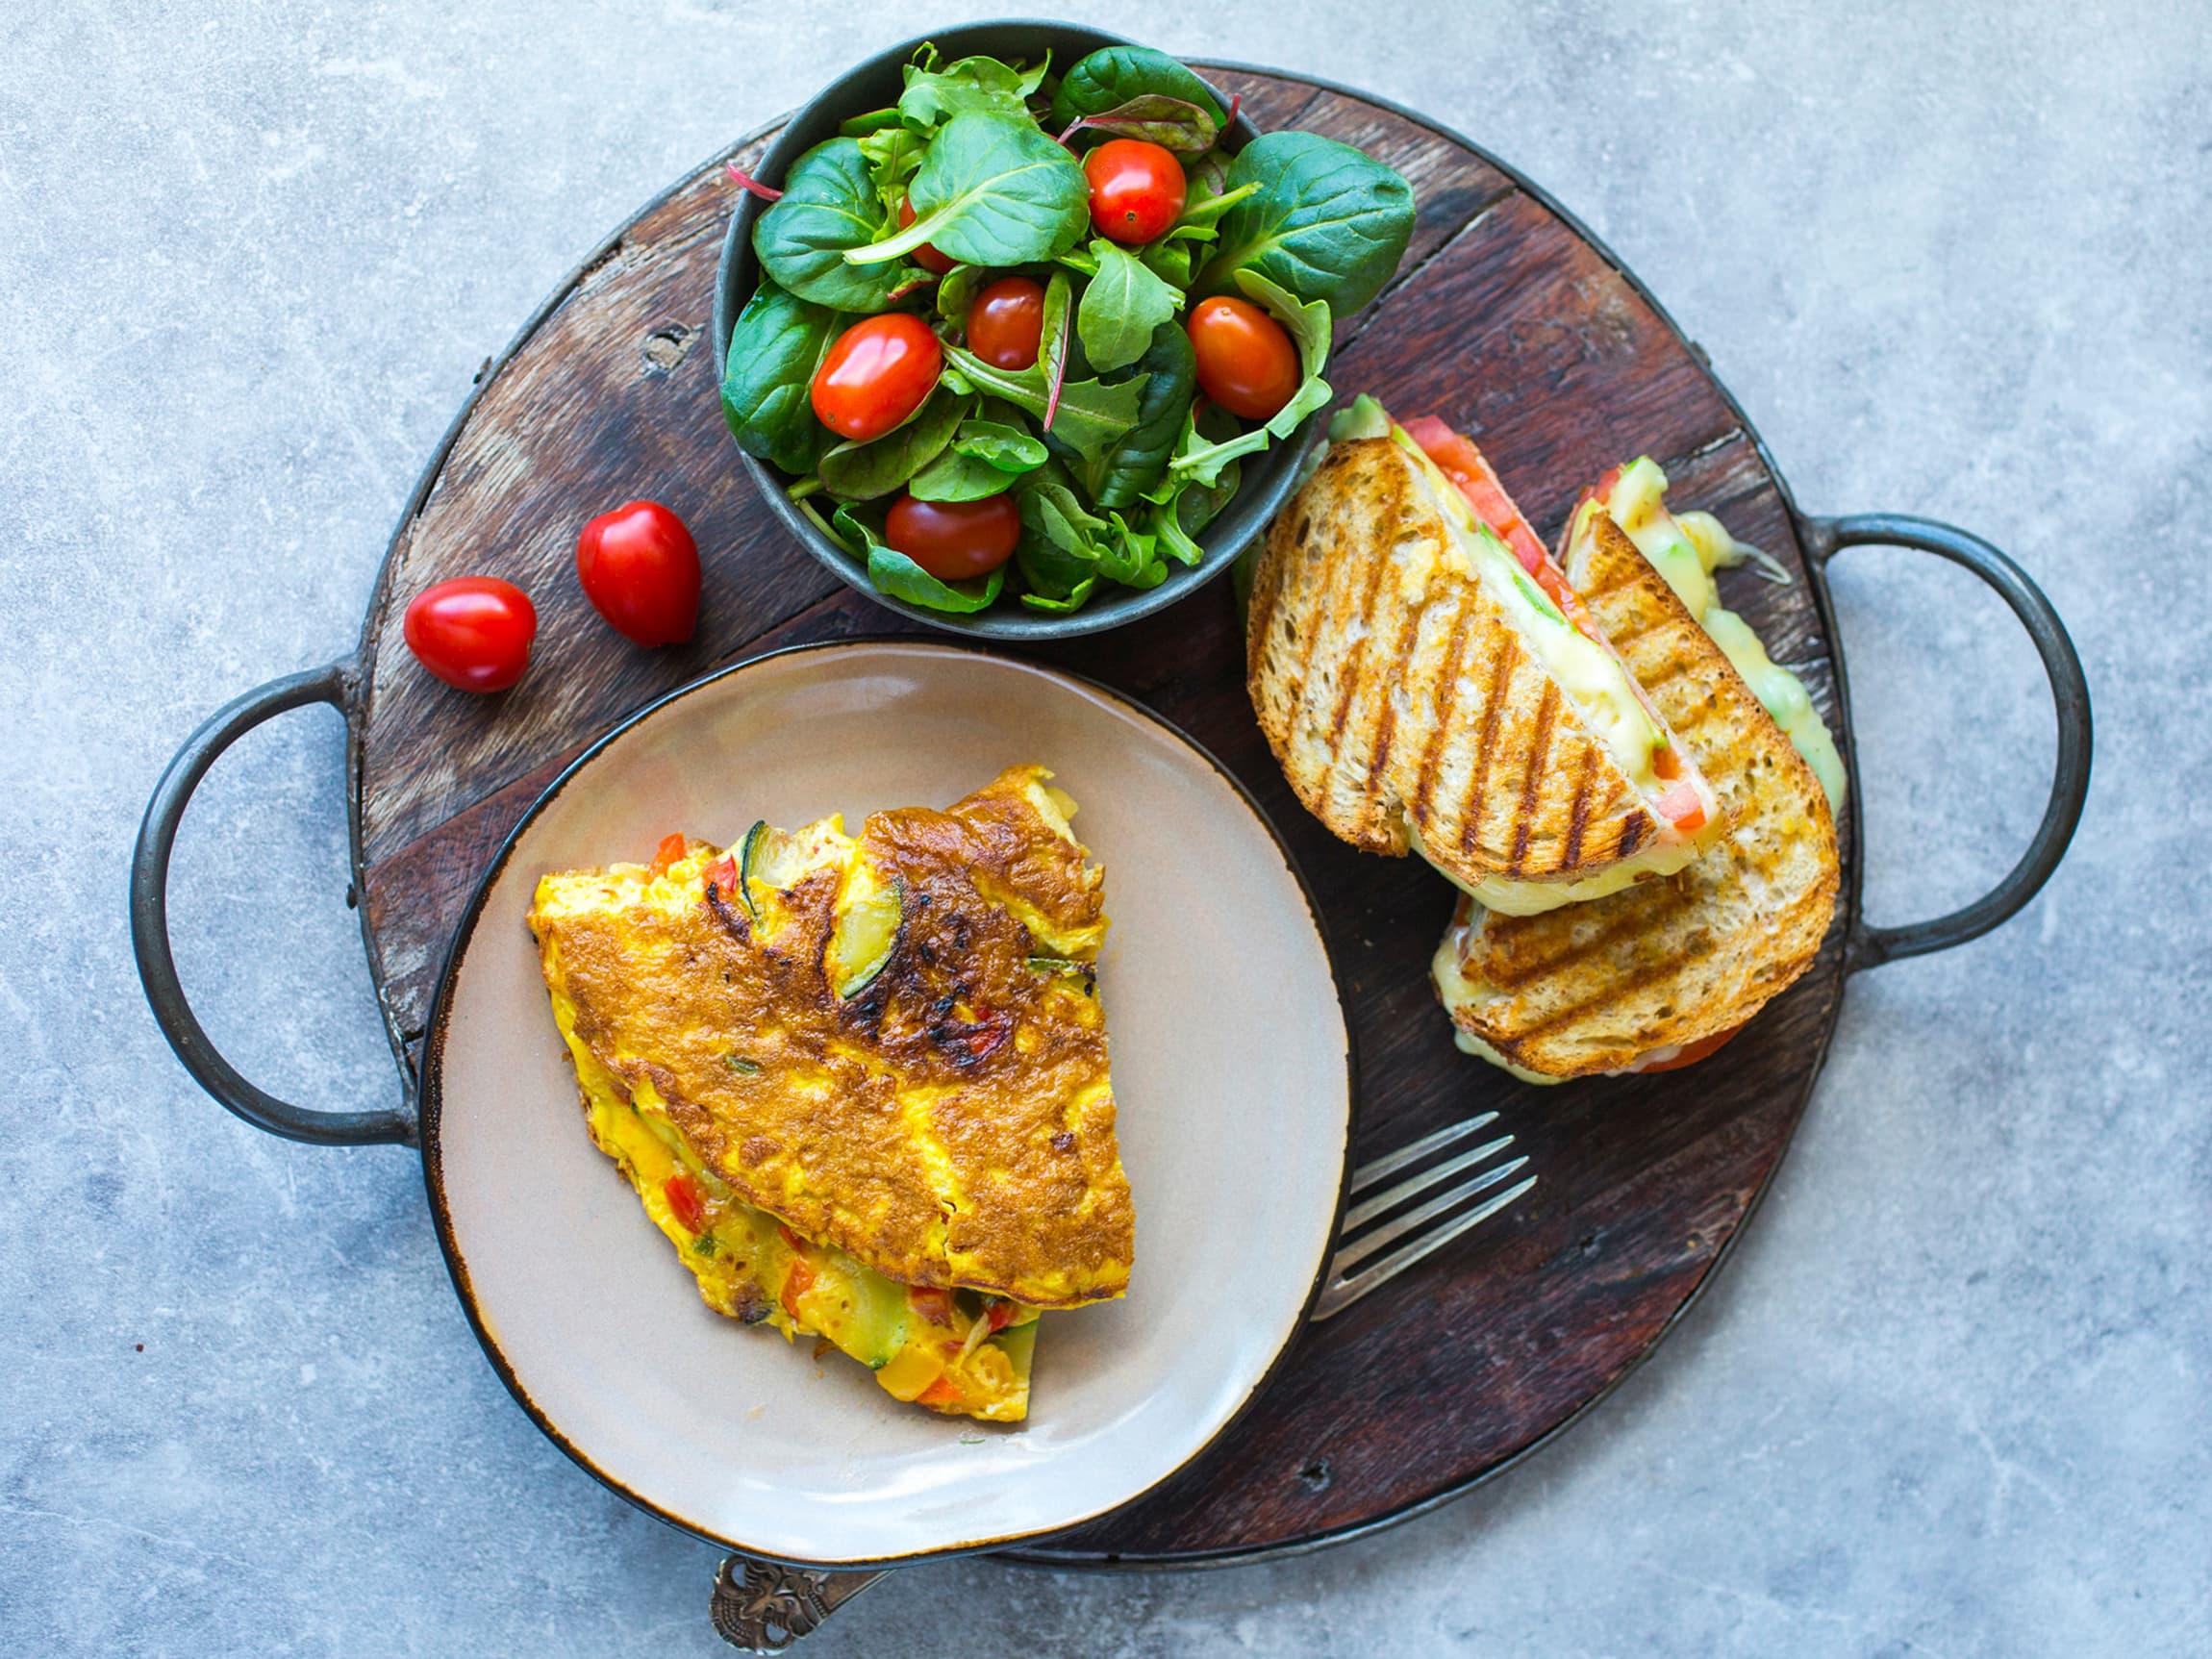 Tørt brød og mye ost og egg til overs? Lag en saftig omelett og ostesmørbrød!